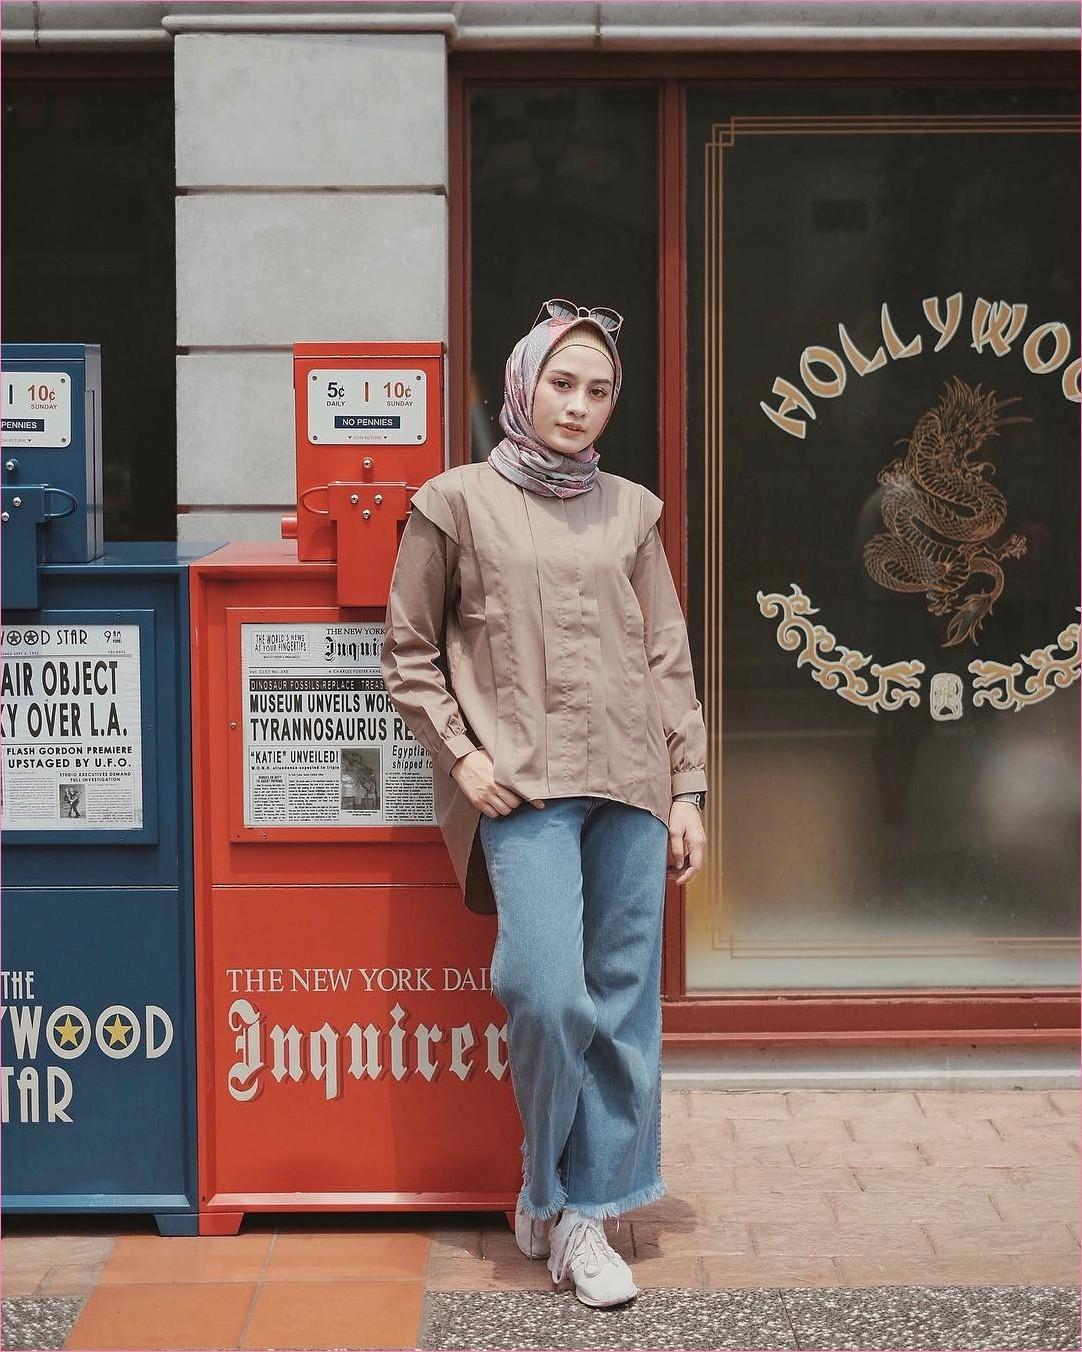 Outfit Untuk Remaja Berhijab Yang Mempunyai Tubuh Pendek Tapi Mau Kelihatan Tinggi top blouse krem tua kerudung segiempat hijab square sneakers kets putih kacamata bulat hitam celana cullotes jeans denim biru jam tangan trendy outfit ootd 2018 selebgram